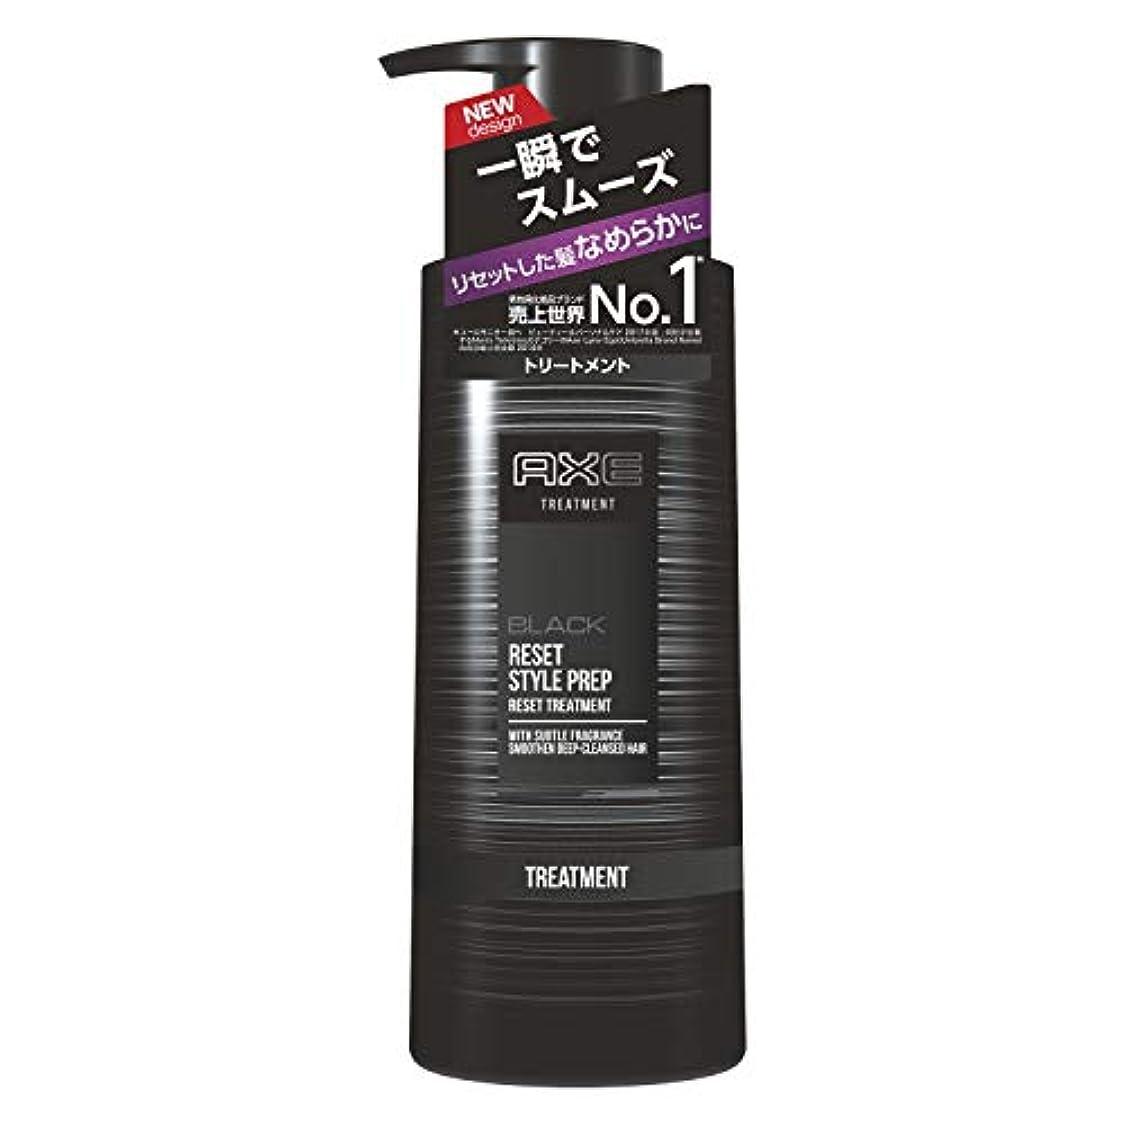 ツーリスト流産許されるアックス ブラック 男性用 トリートメント ポンプ (速攻スムーズ ラクなスタイリングへ) 350g (クールマリンのさりげない香り)